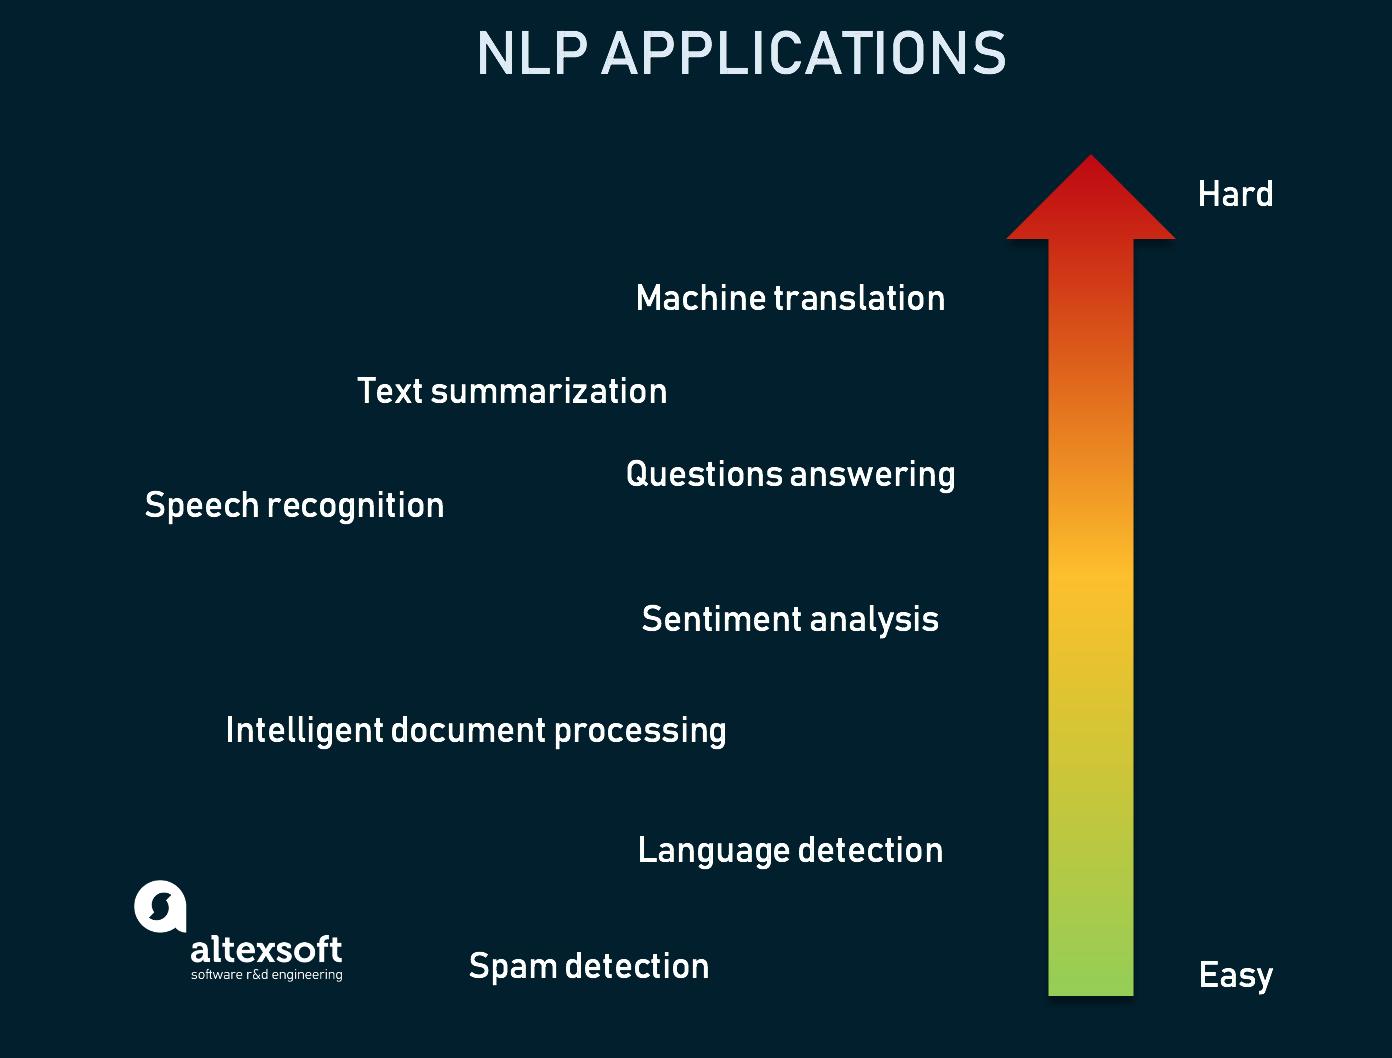 Low-level vs high-level NLP tasks